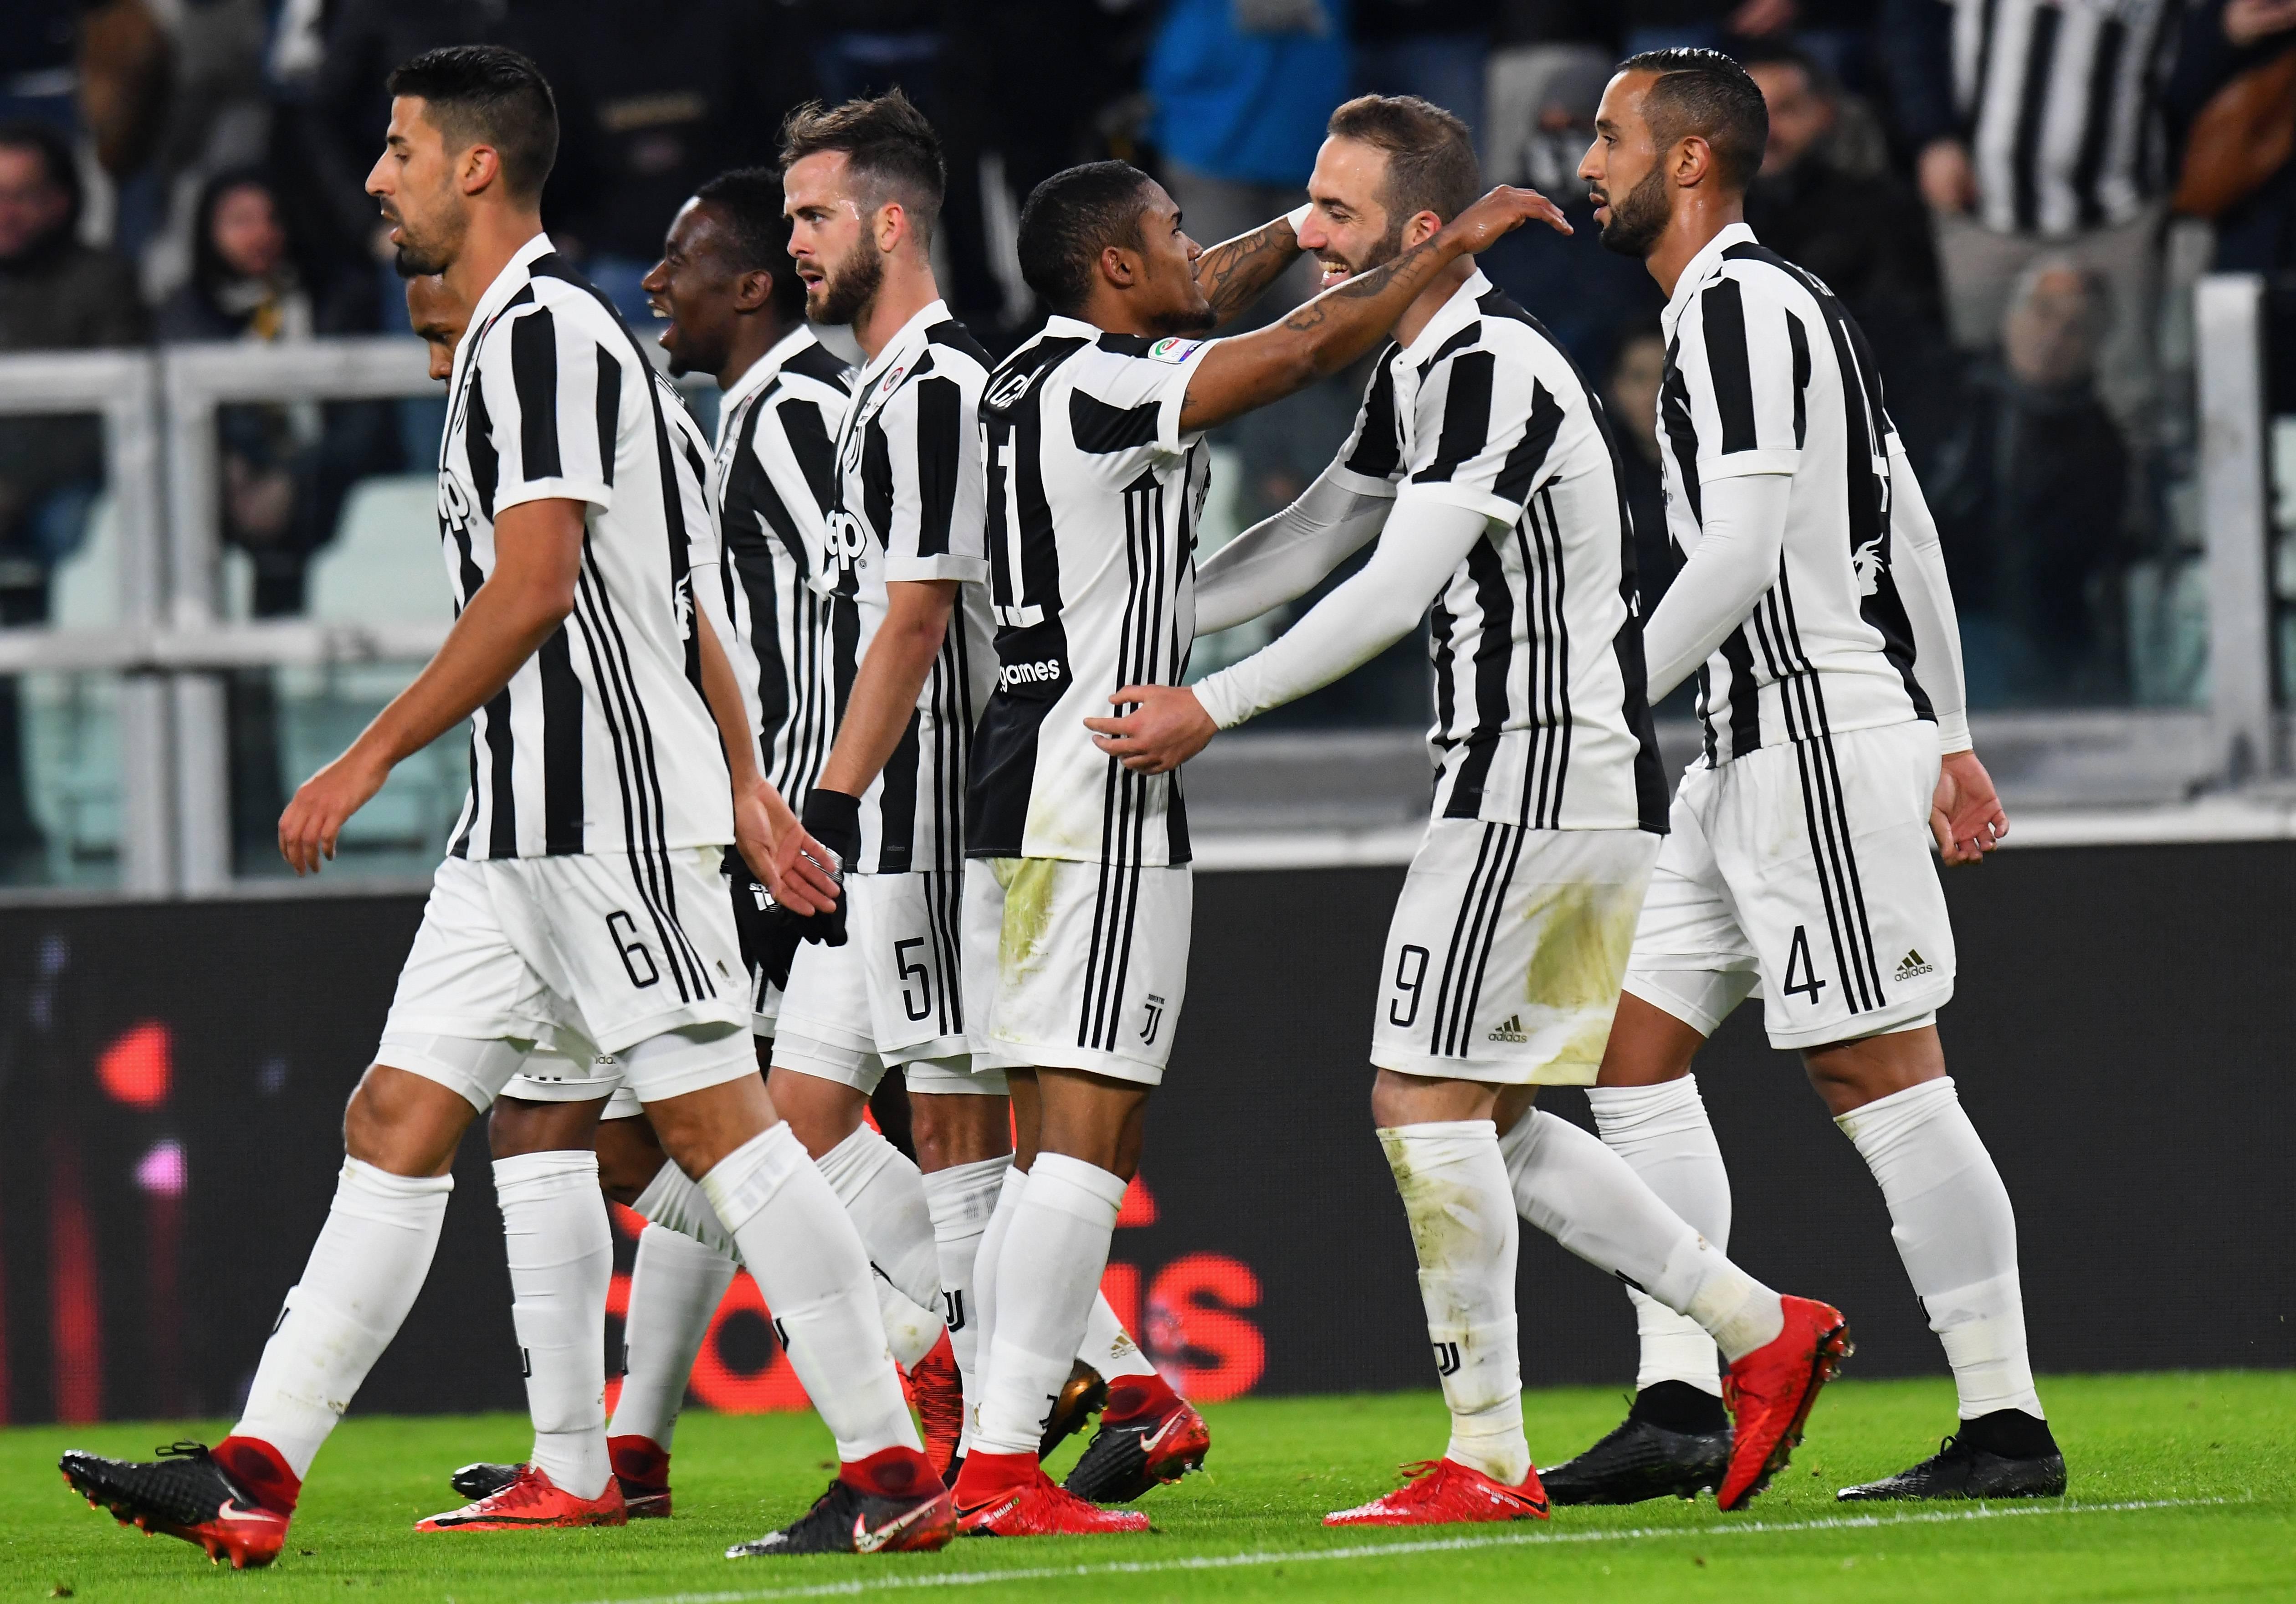 Le pagelle di Juventus-Genoa: Douglas Costa bomber, delude ...